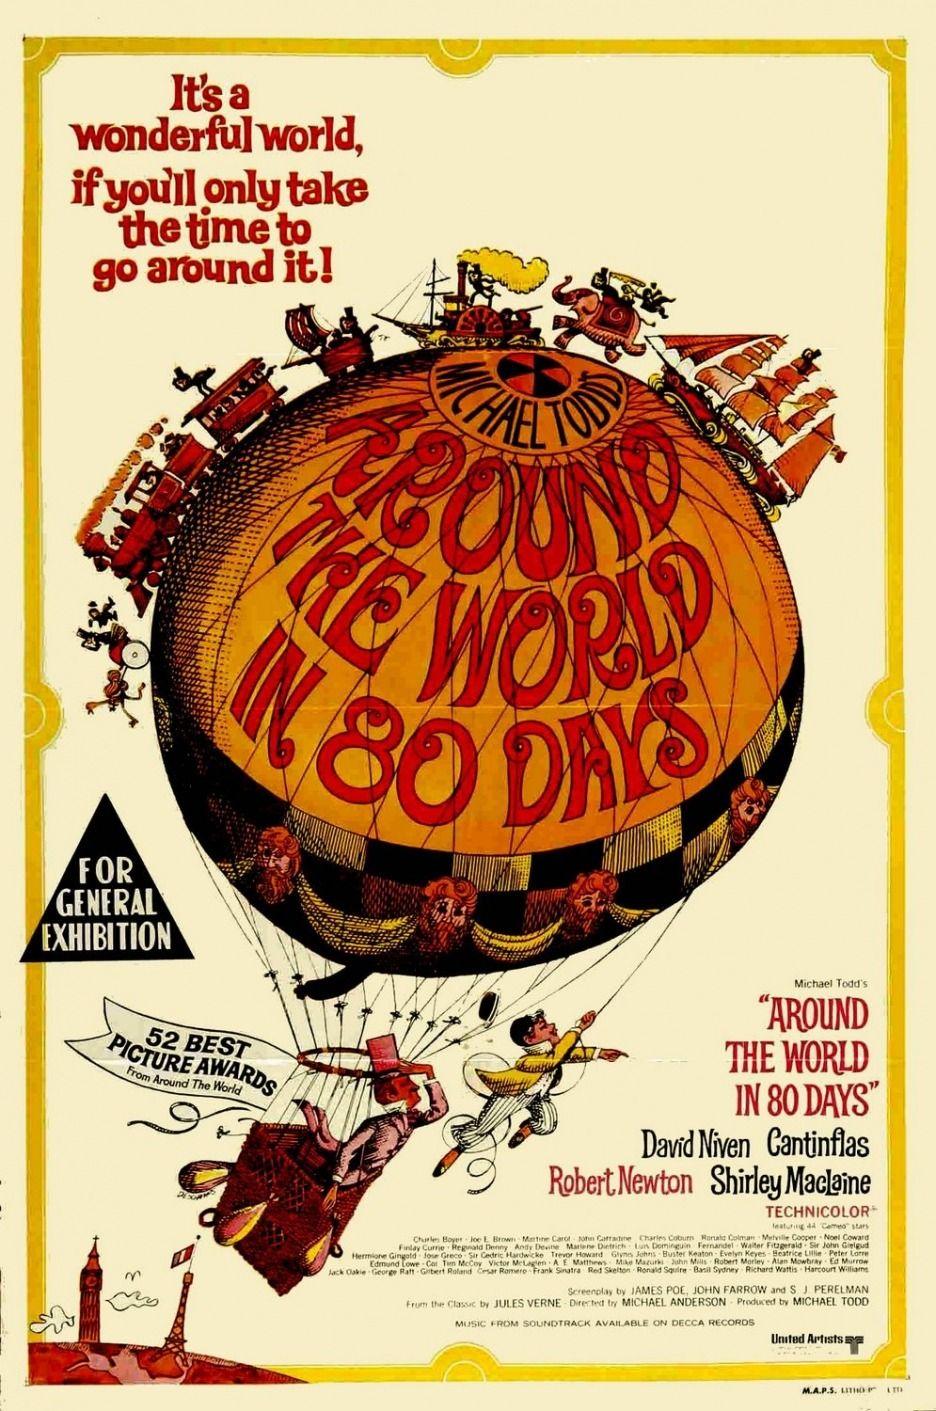 La Vuelta al Mundo en 80 días (Around the World in 80 Days